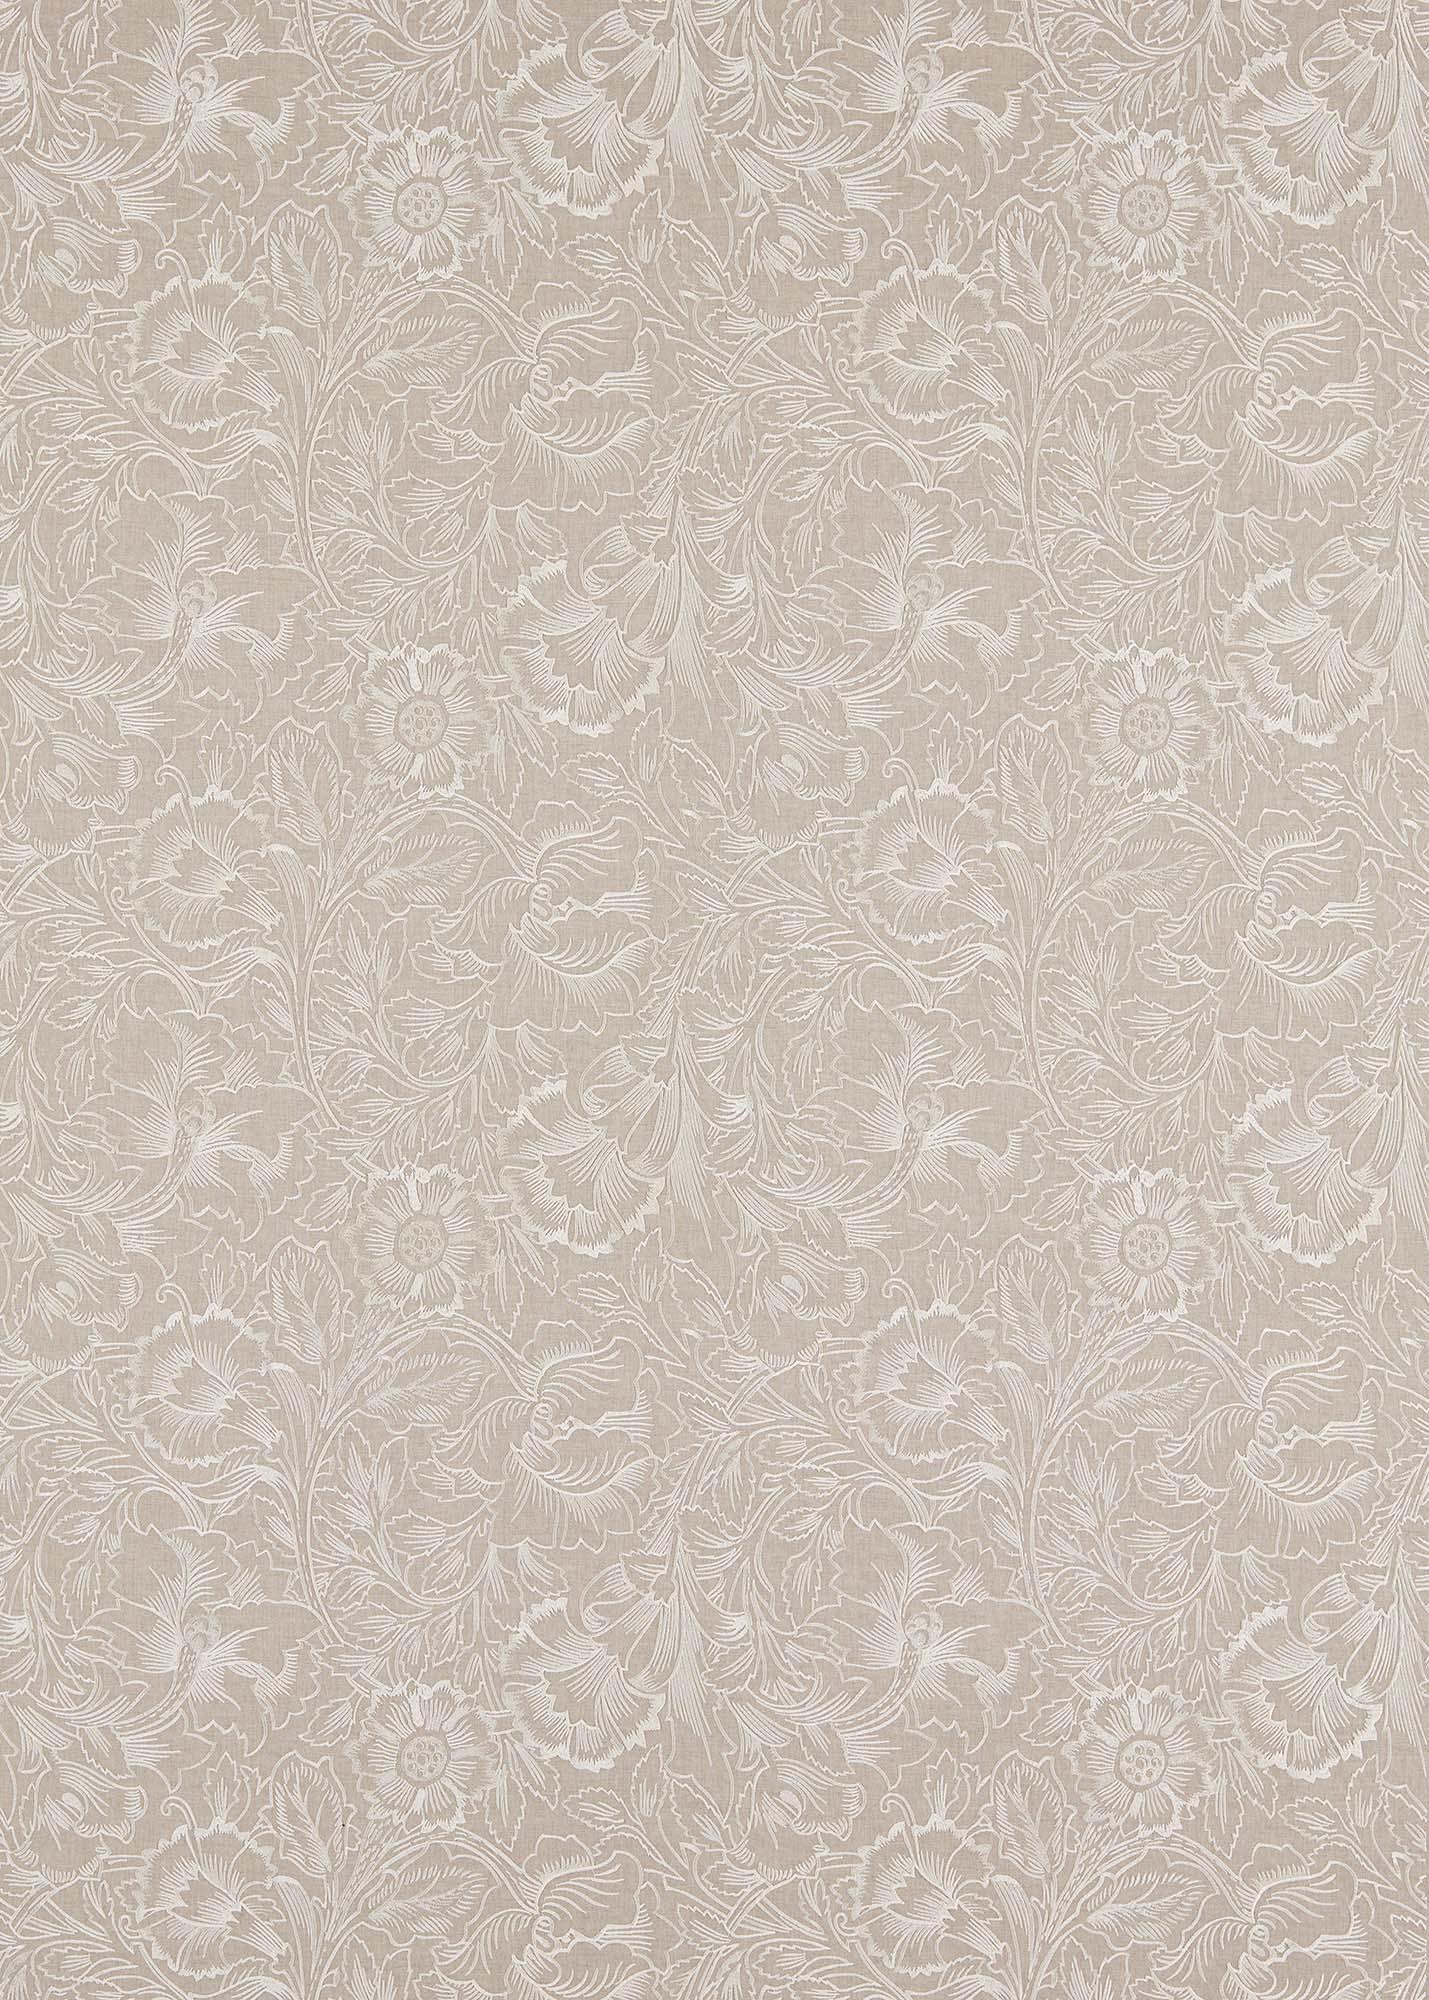 ウィリアムモリス生地 Pure Poppy Embroidery 236079